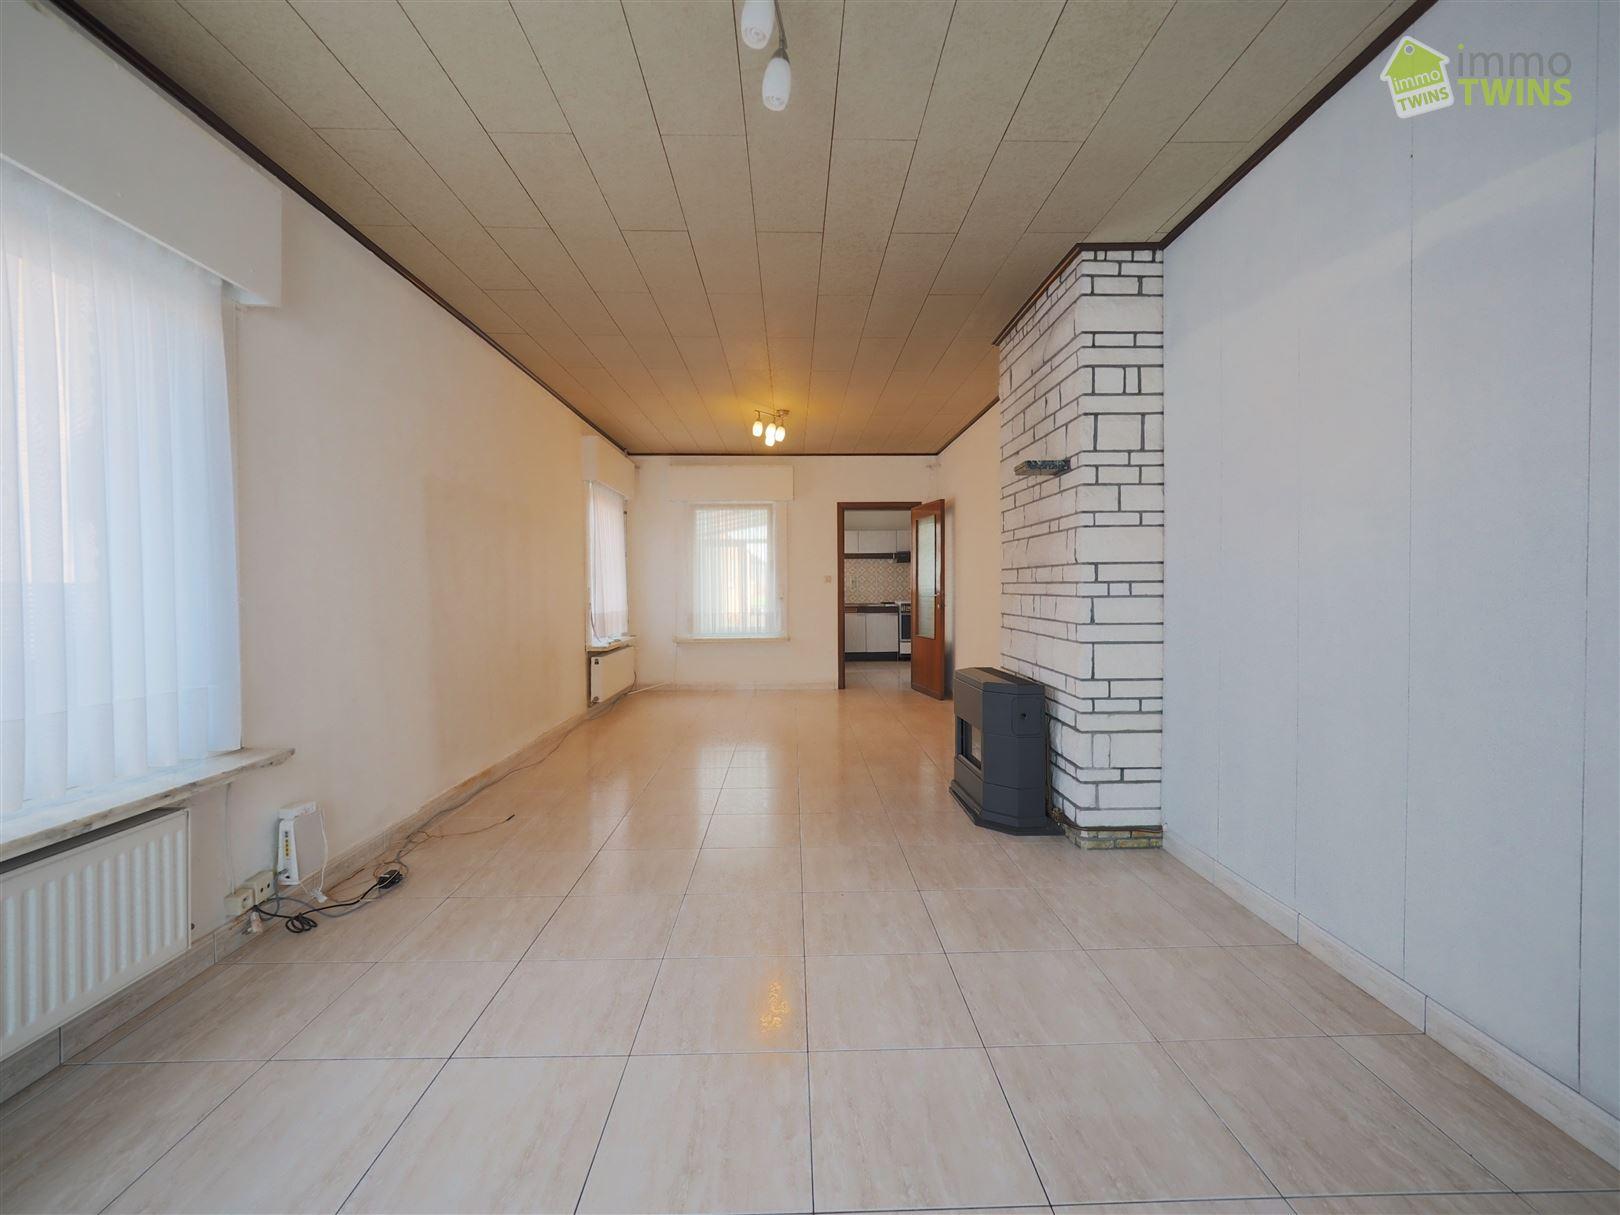 Foto 5 : Huis te 9200 SINT-GILLIS-DENDERMONDE (België) - Prijs € 259.000